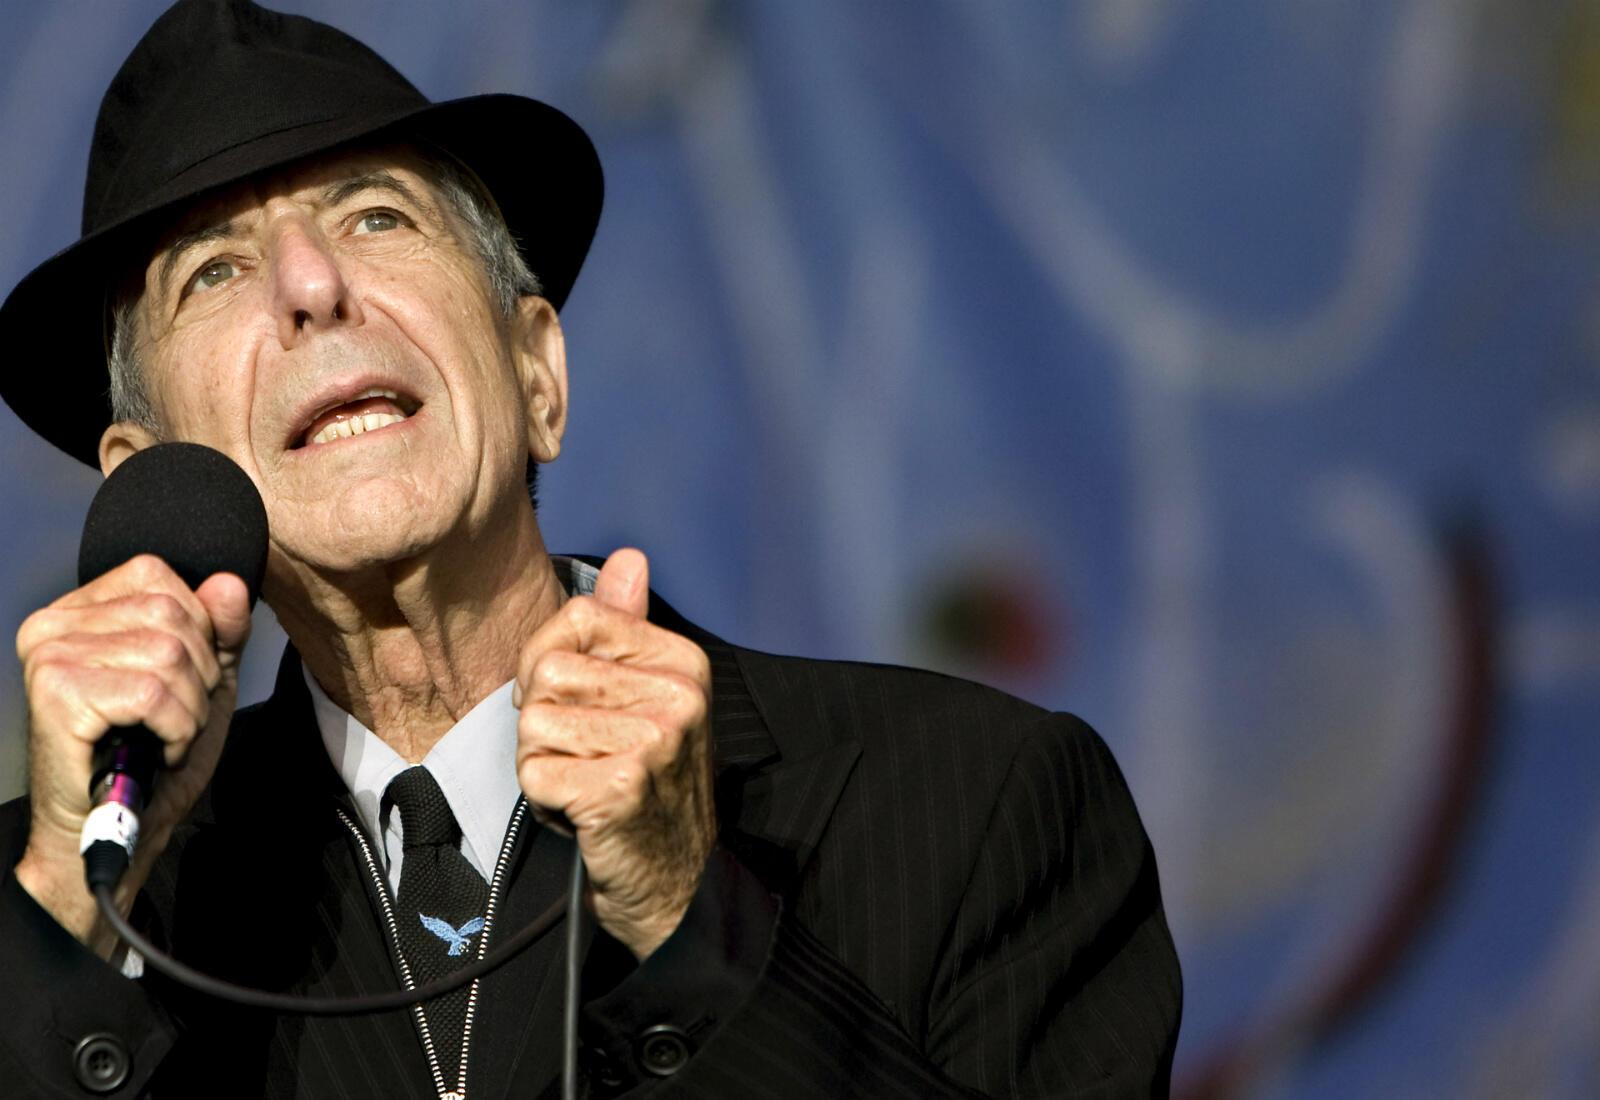 Le musicien canadien Leonard Cohen, poète mélancolique à la voix grave, connu pour l'élan lyrique de ses chansons, est décédé à l'âge de 82 ans, le 7 novembre 2016.